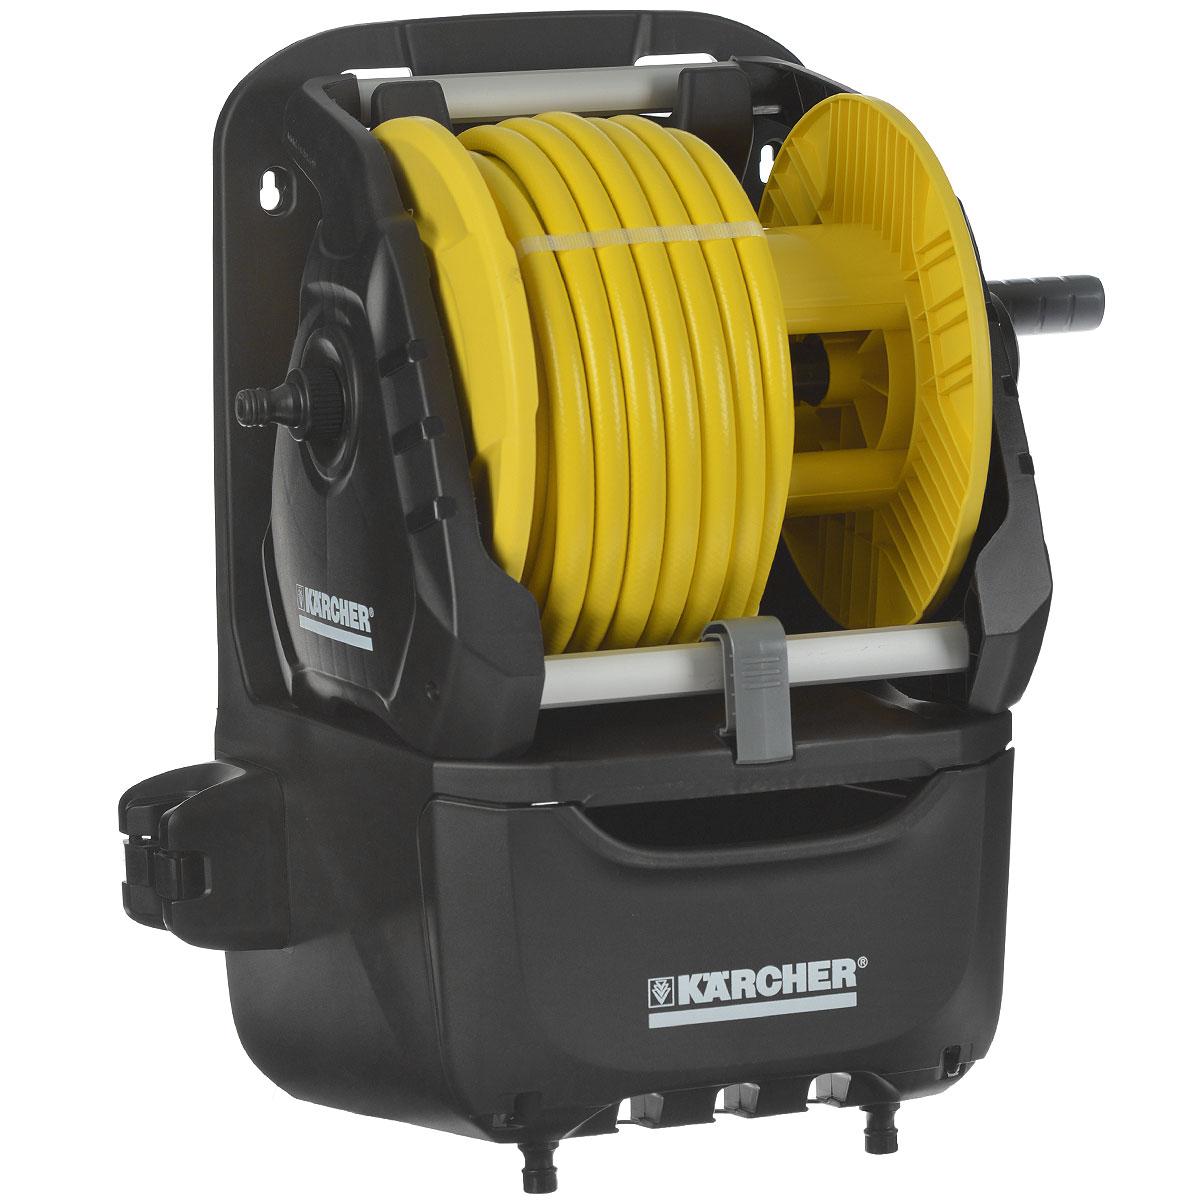 Катушка Karcher HR 7.315 Kit, со шлангом, 15 м 2.645-164.02.645-164.0Компактная оросительная станция Karcher HR 7.315 Kit укомплектована высококачественным садовым шлангом и принадлежностями. Особенности: В смонтированном состоянии. Возможность мобильного и стационарного применения (2 в 1). С держателями для принадлежностей и вместительным ящиком. Держатель для распылителя с удлиняющей трубкой. Угловой штуцер предотвращает перекручивание и перегиб шланга. Рукоятка свободного хода.